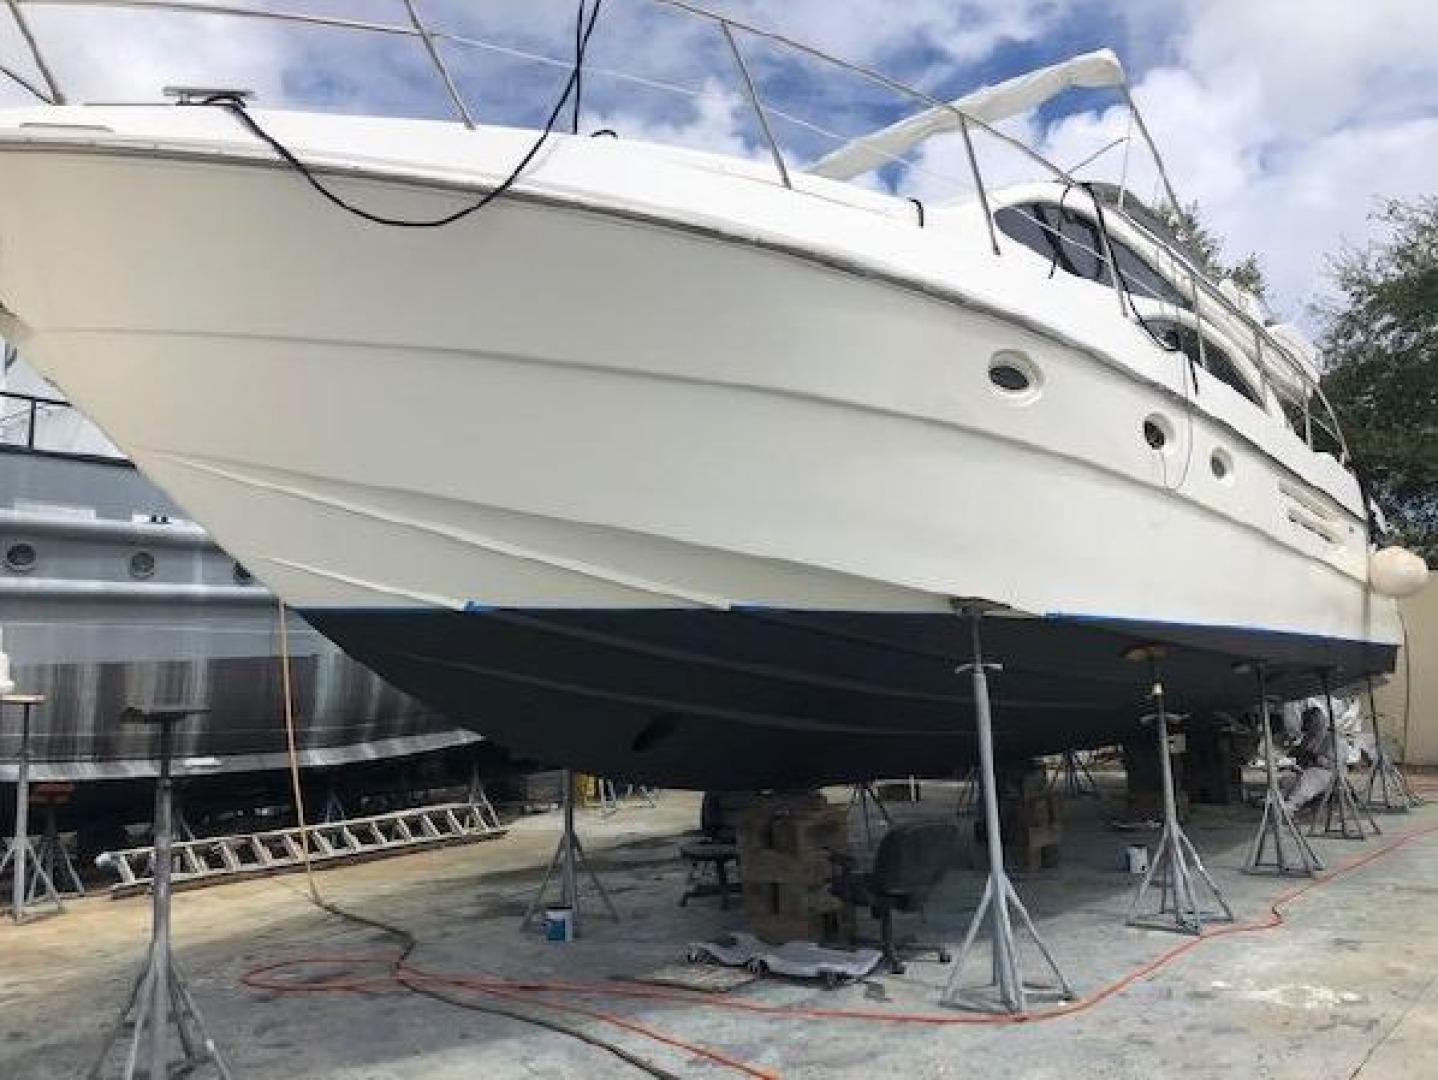 Azimut-Flybridge Motor Yacht 2000 -Boca Raton-Florida-United States-1564110 | Thumbnail